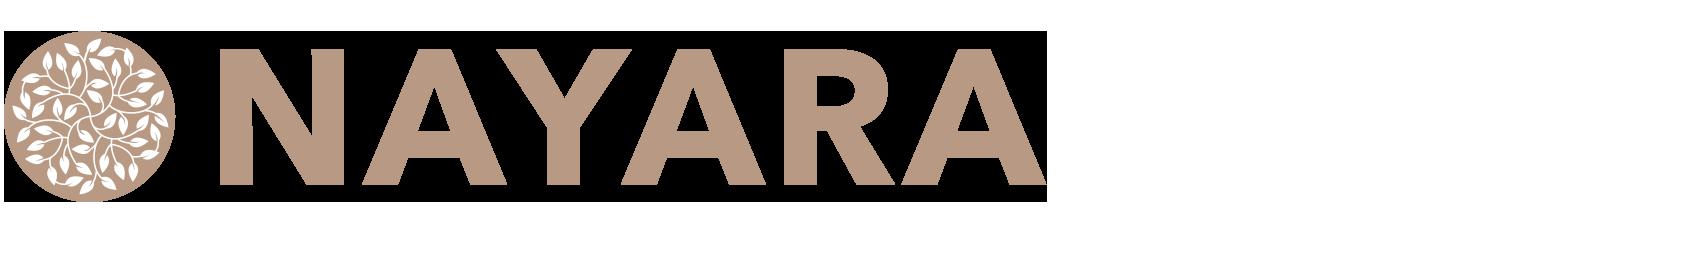 Nayara Journal